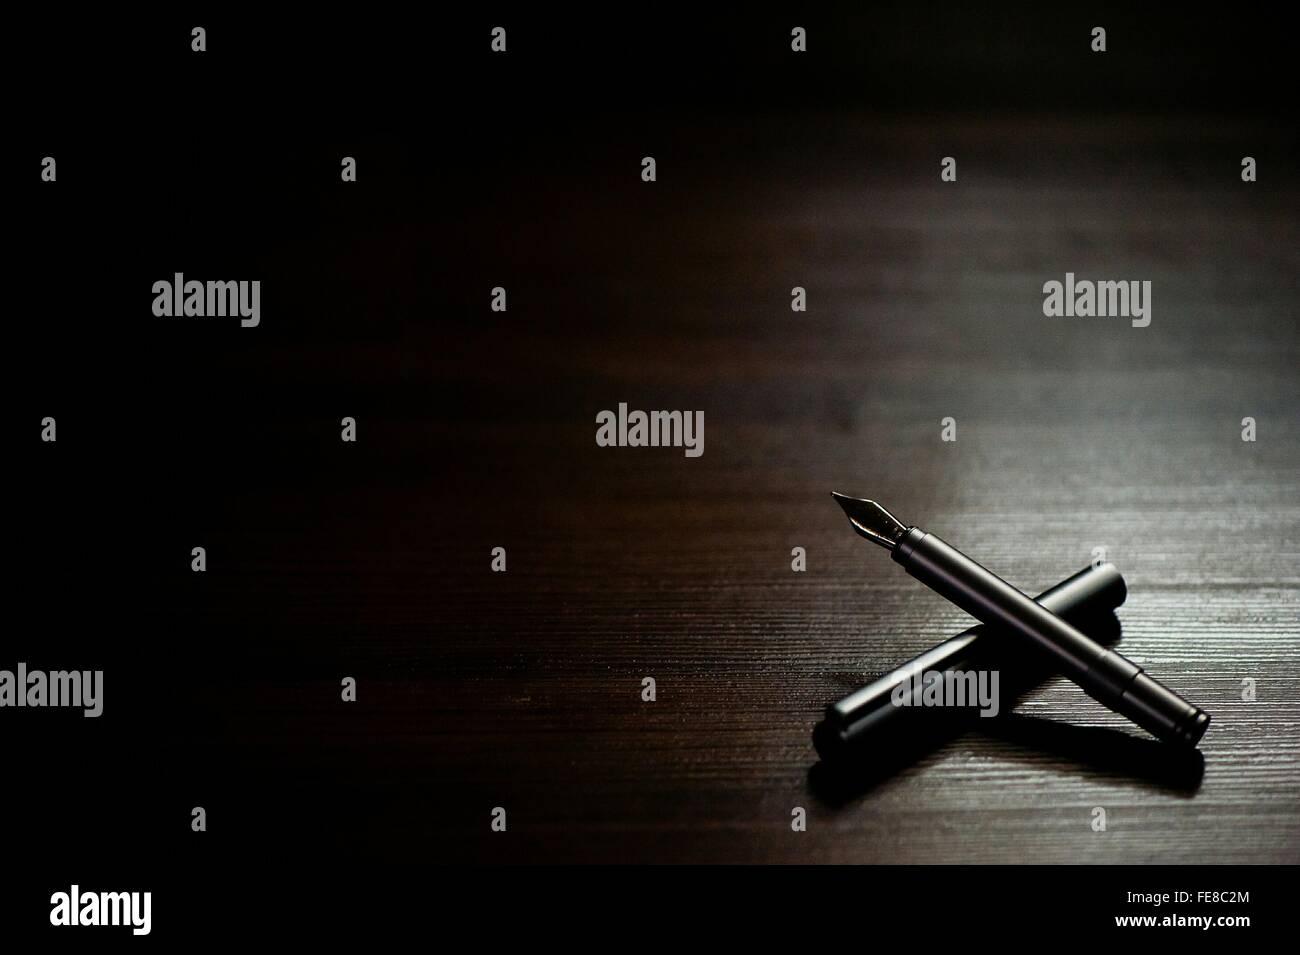 Un alto ángulo de visualización de pluma estilográfica sobre la mesa Imagen De Stock